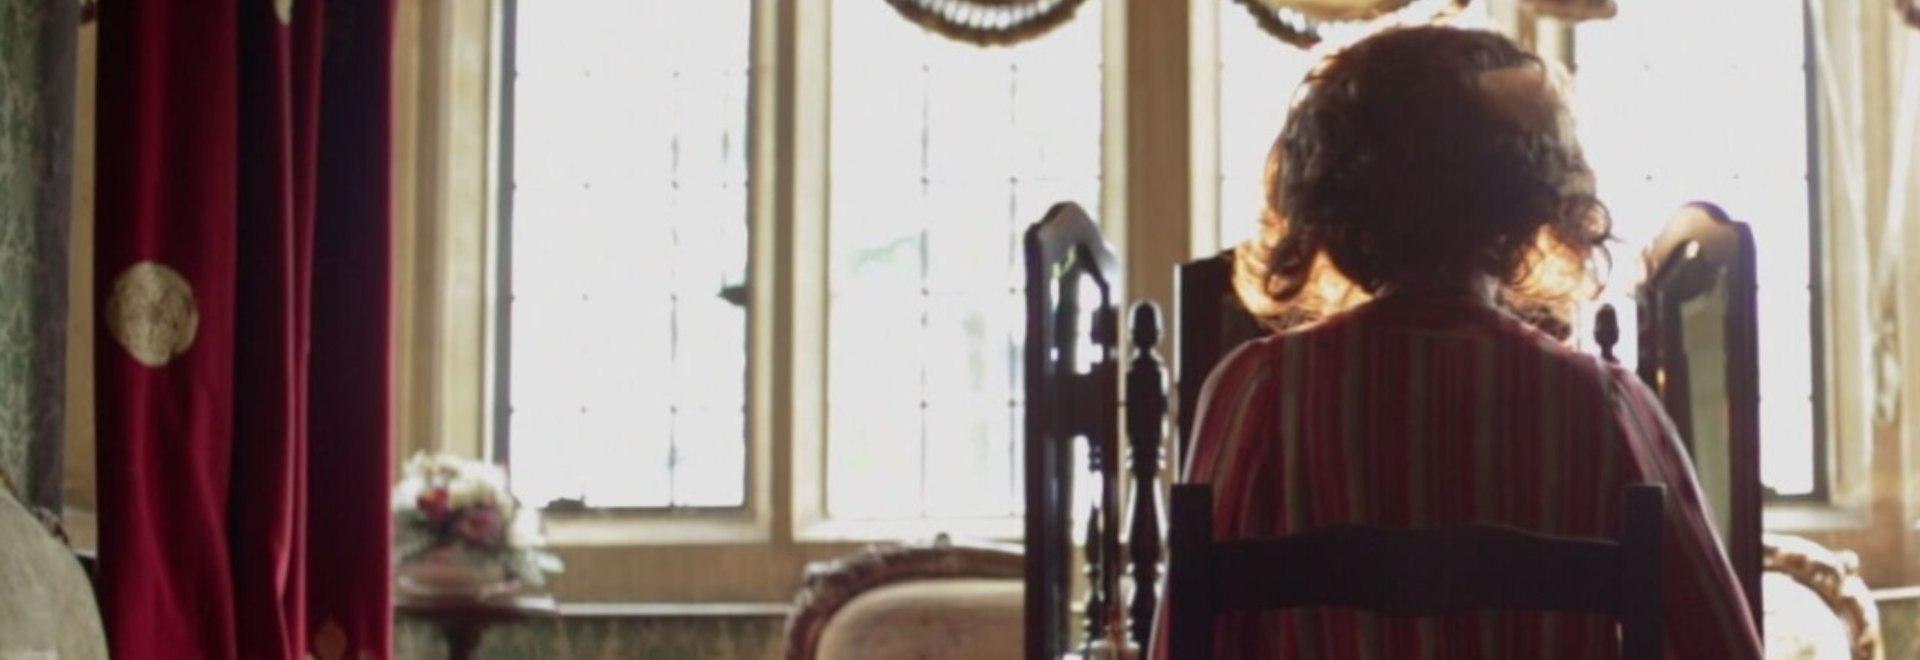 The Royals - La perfida matrigna di Diana